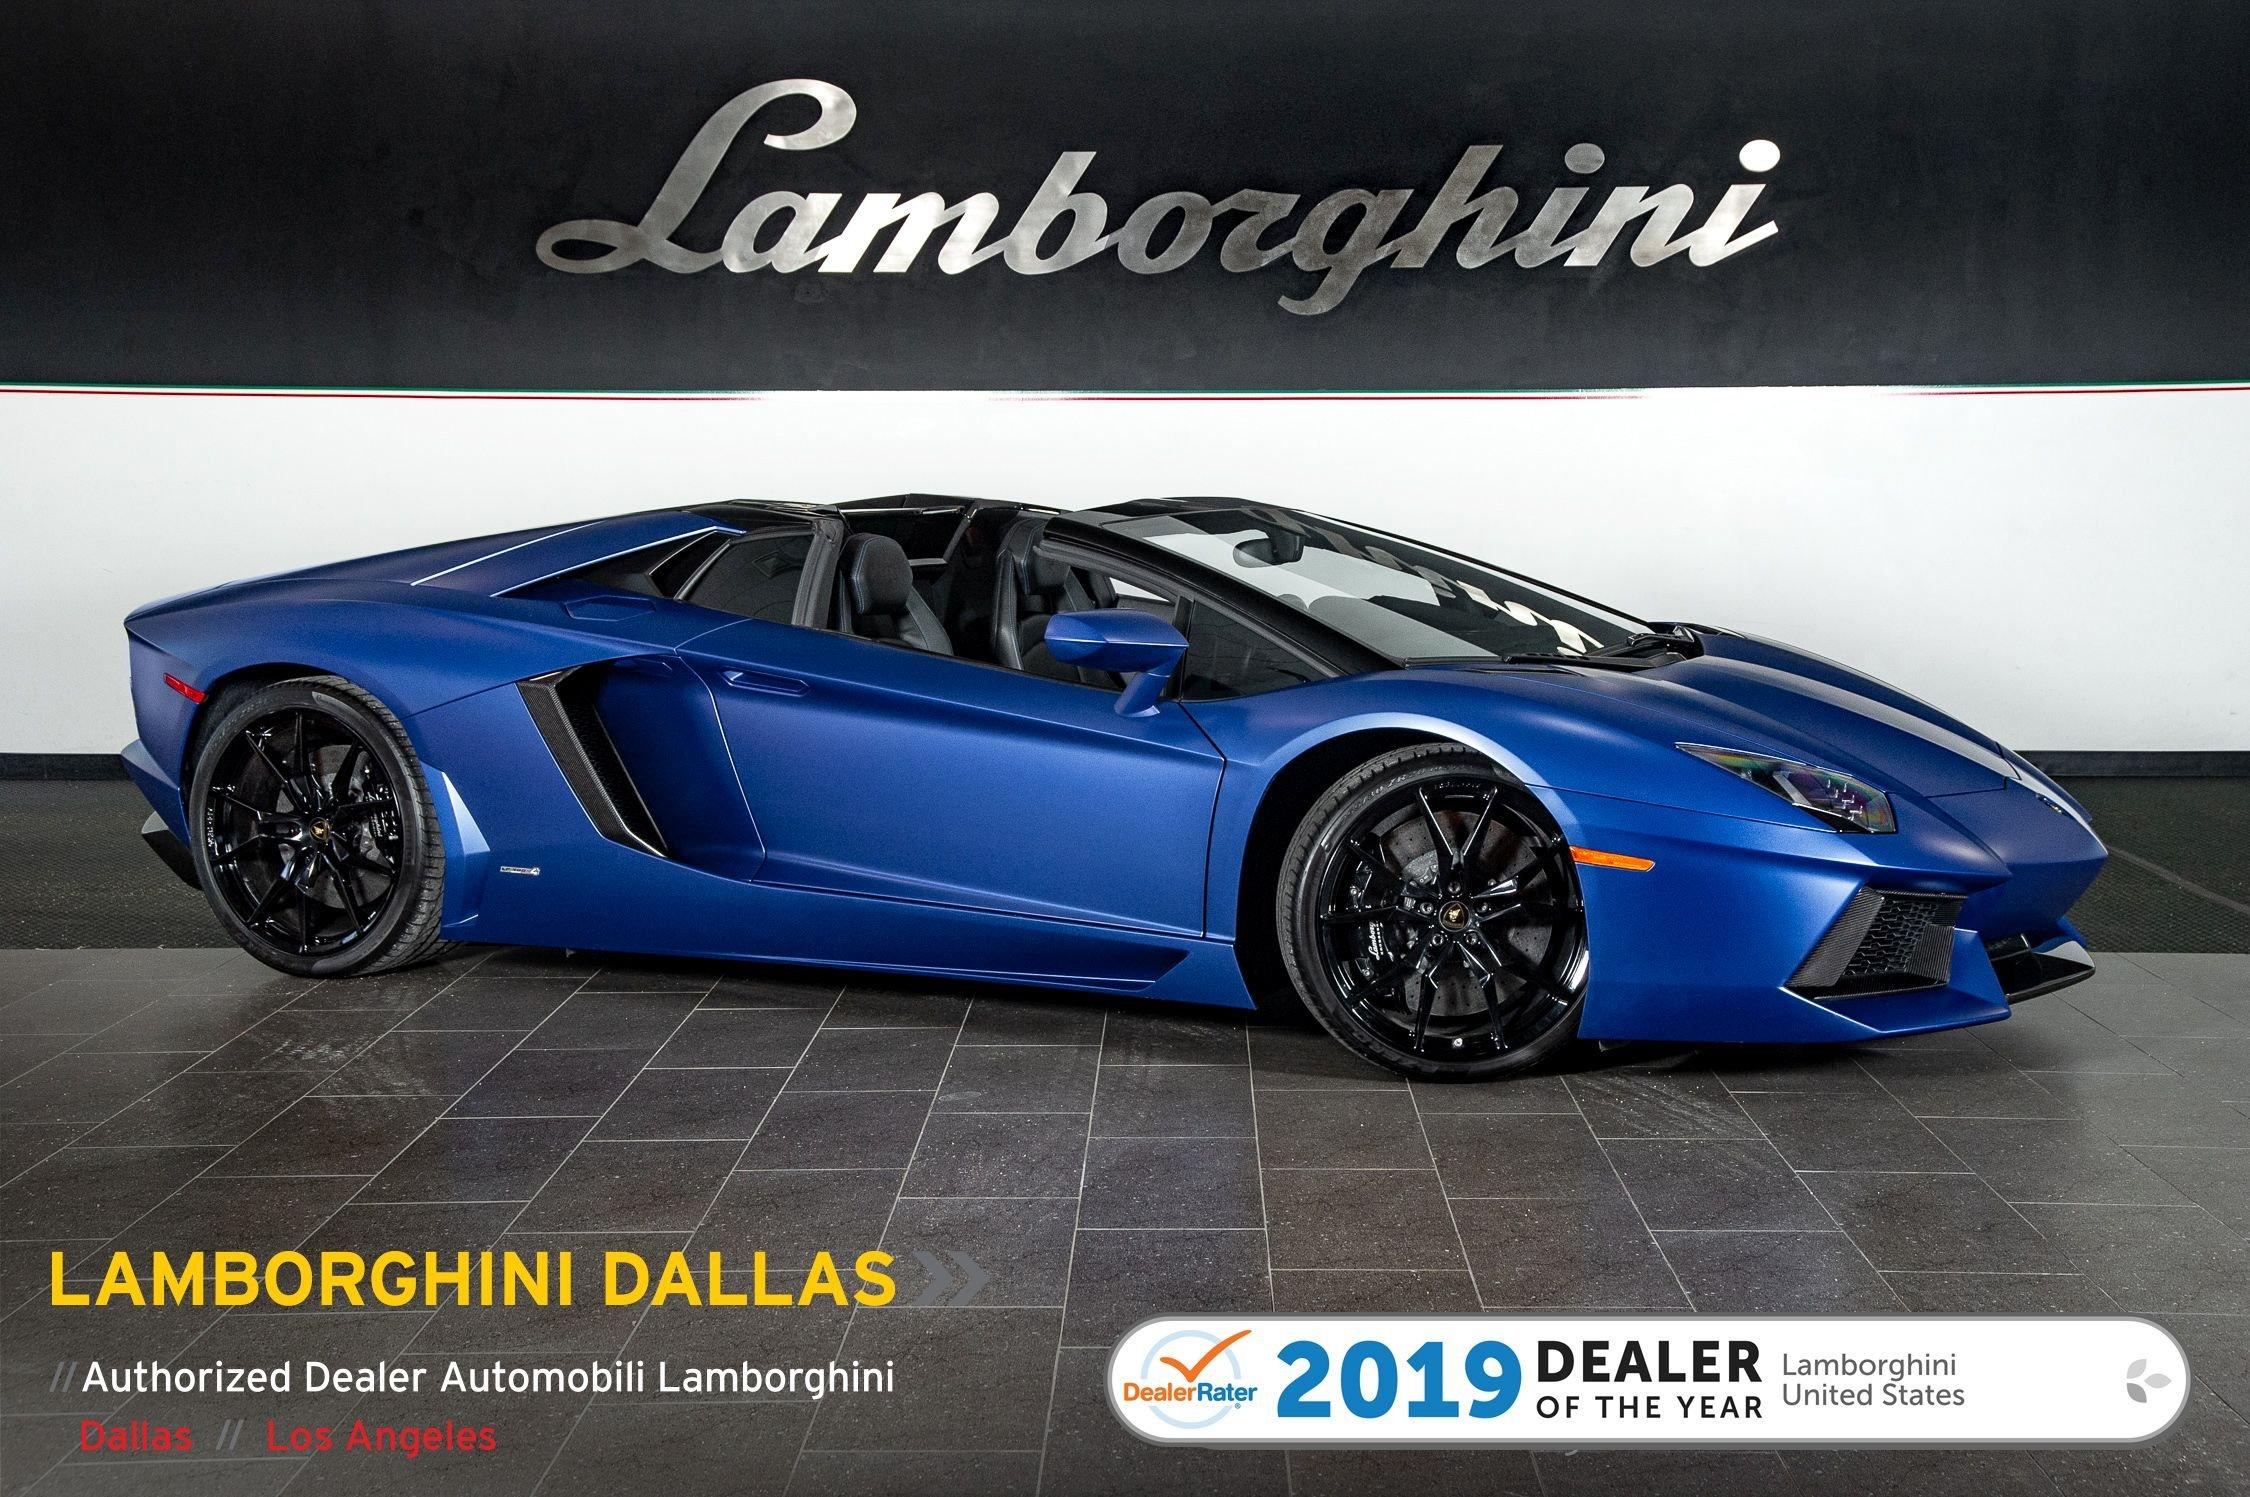 Used 2015 Lamborghini Aventador For Sale Richardson Tx Stock Lt1303 Vin Zhwur1zd3fla03561